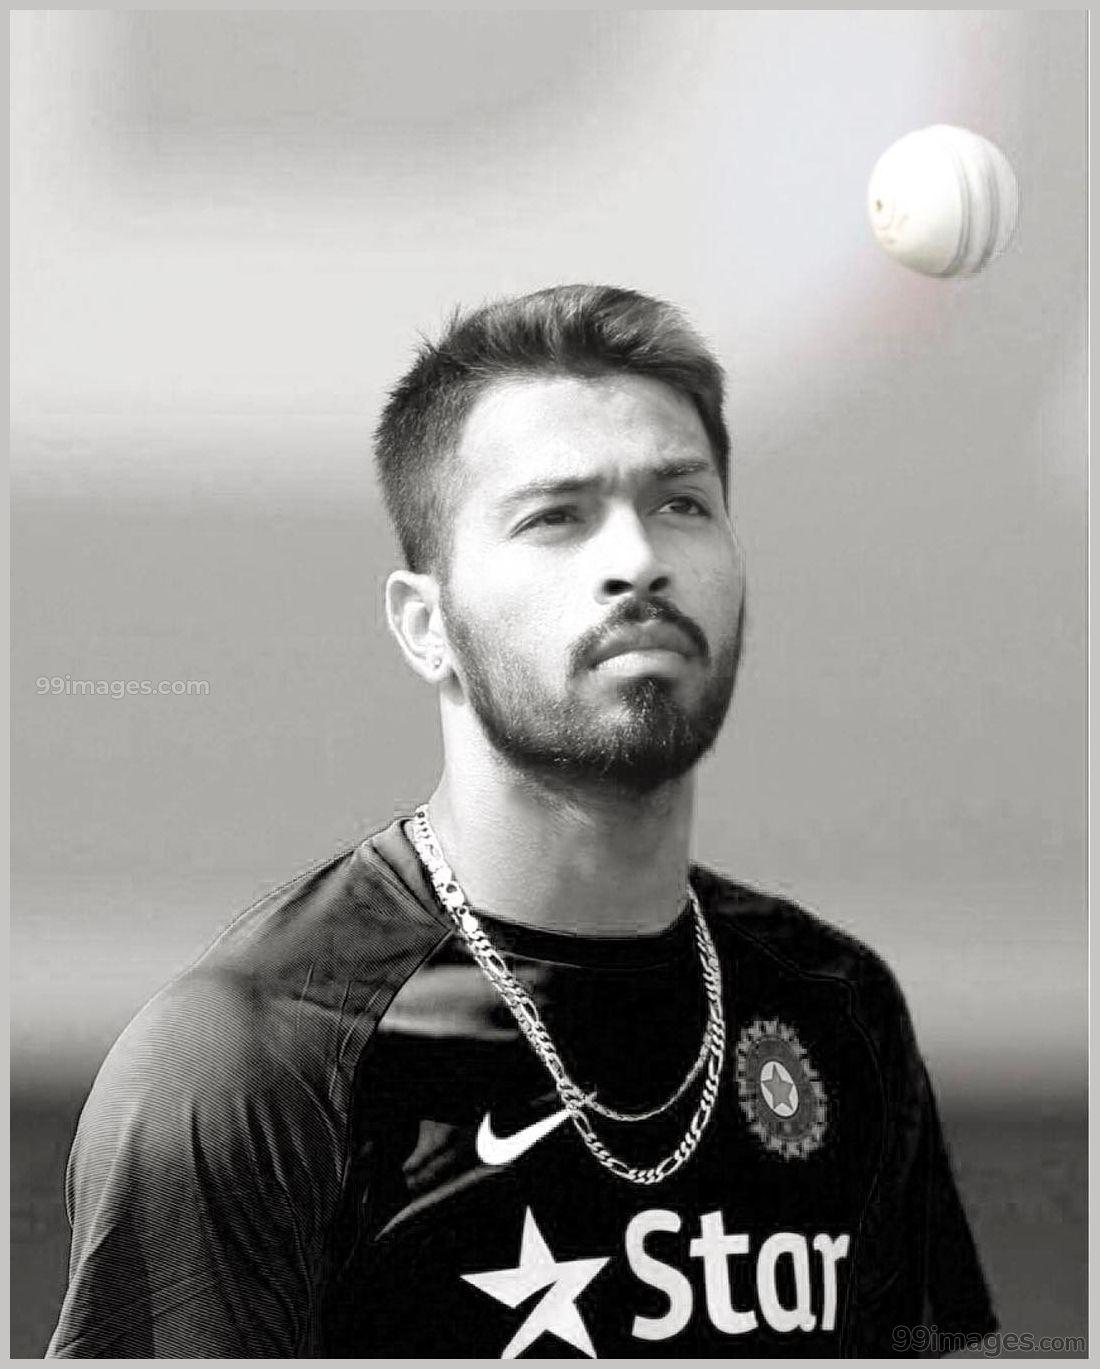 Hardik Pandya Photoshoot Images Hd Wallpapers 1080p 16314 Hardikpandya Cricketer Hdimages Hardikpandy Dhoni Wallpapers Photoshoot Images Cute Actors